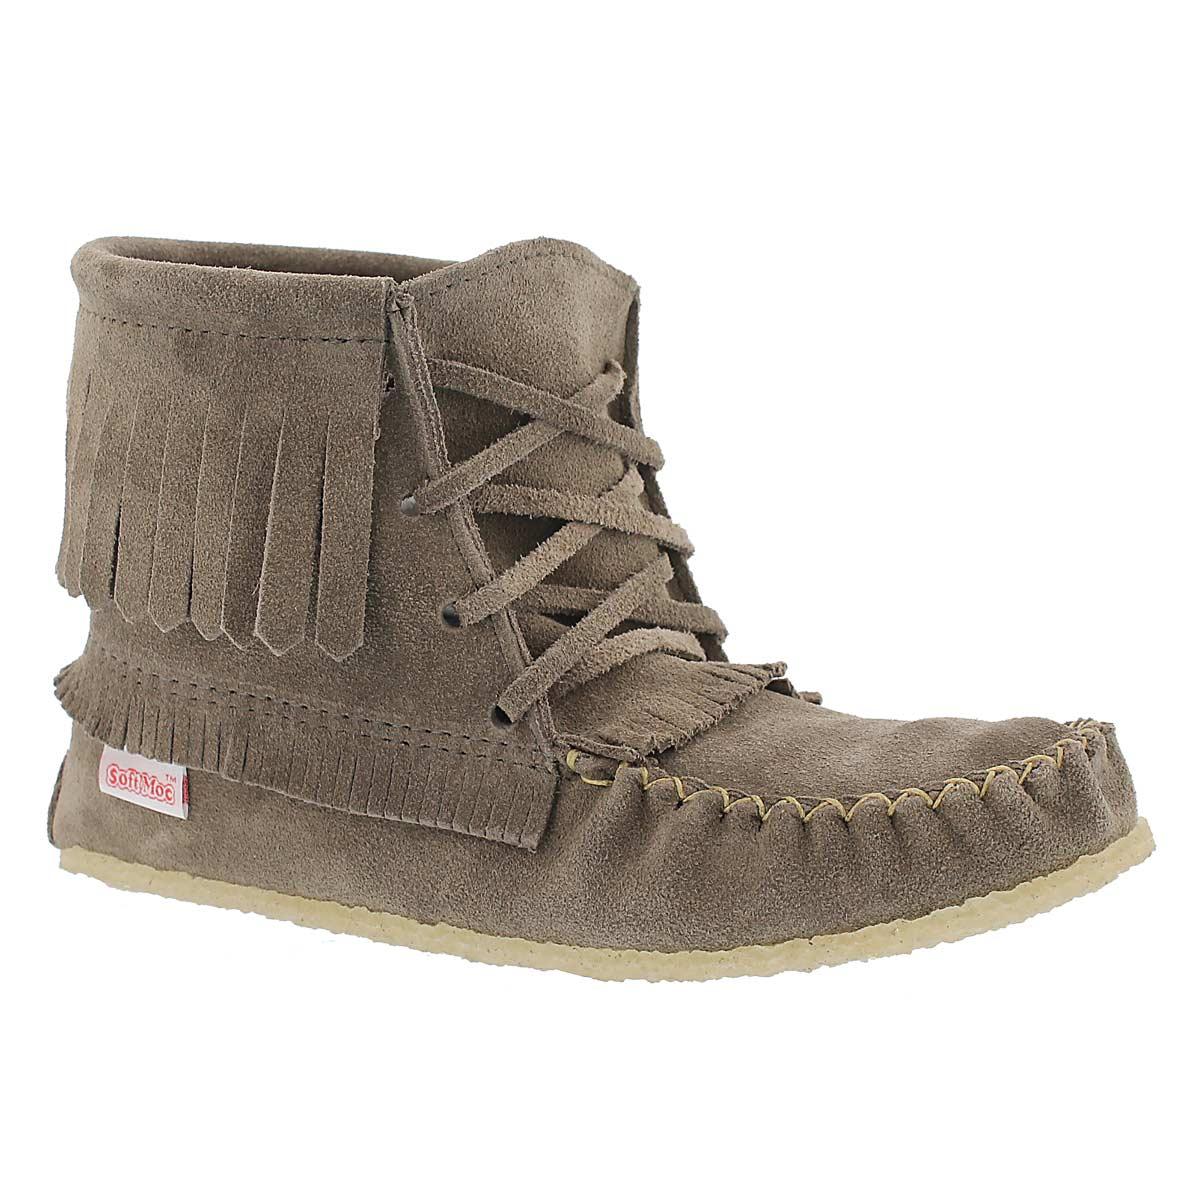 Lds grey fringe booti moc w/memory foam